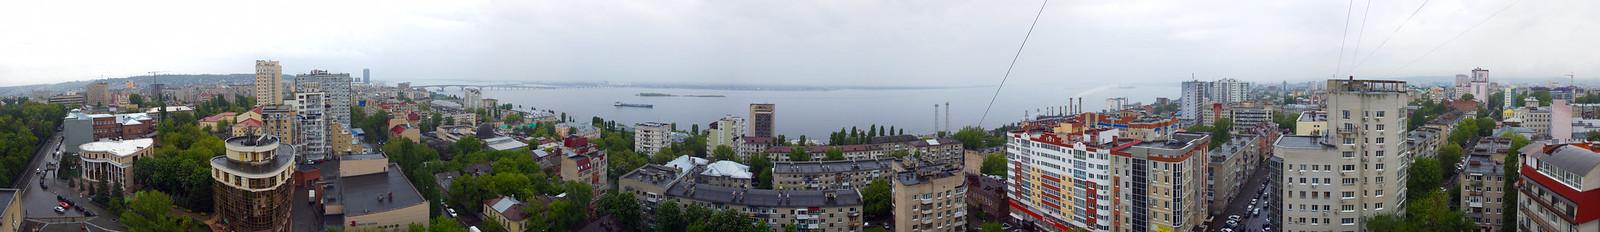 2017_05_17 Saratov panoram